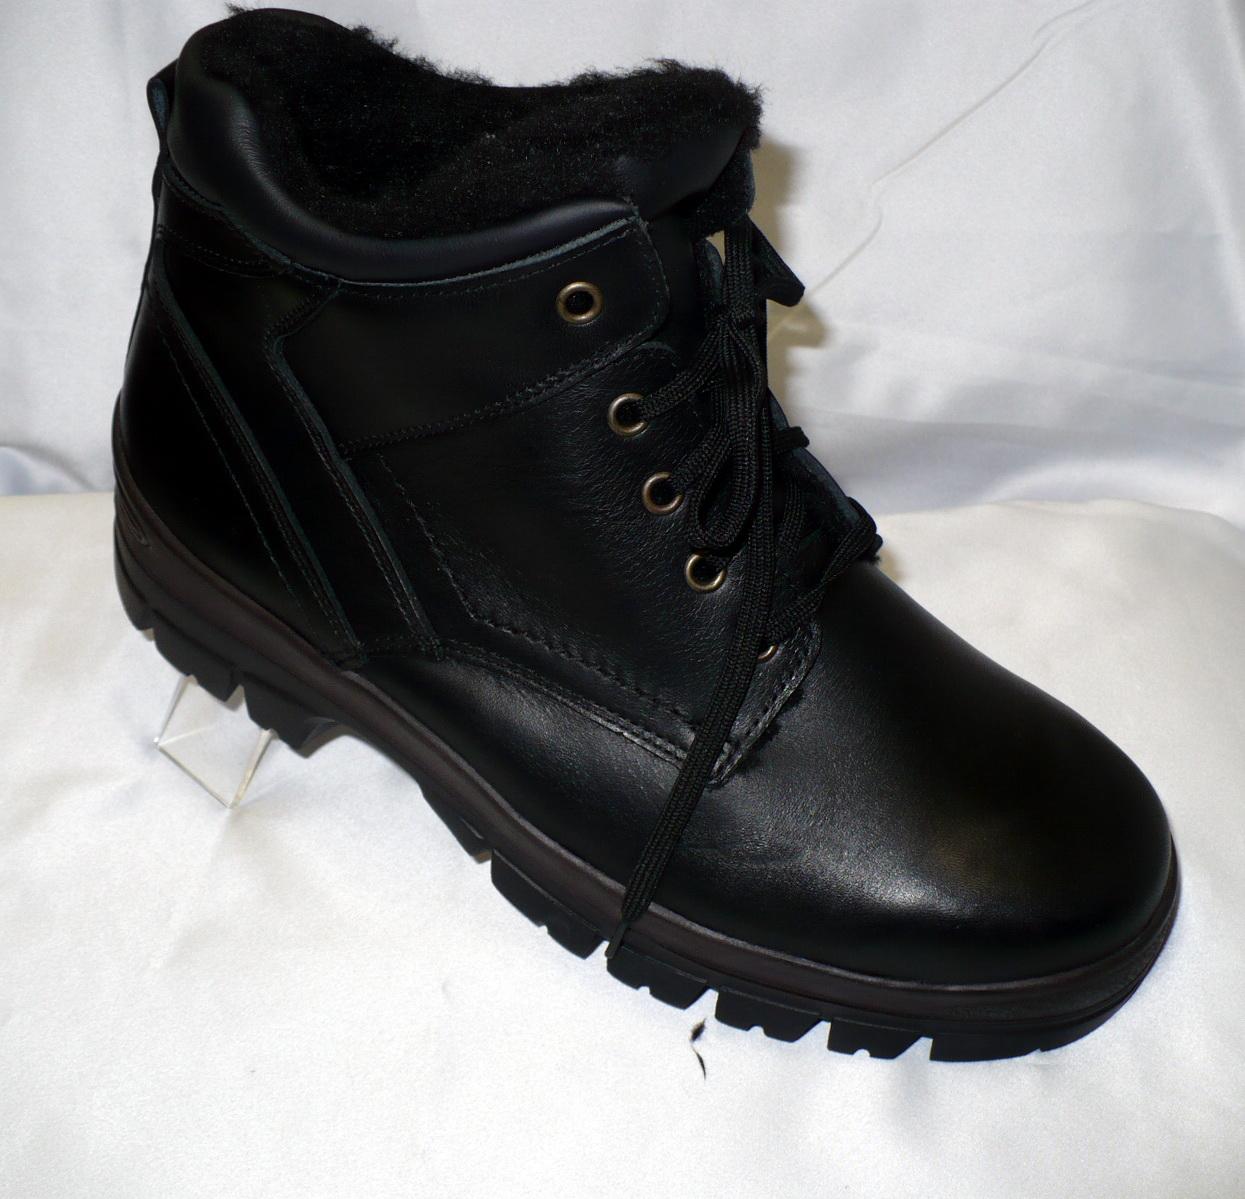 47362f769cc Kotníková obuv kůže zateplené Prabos